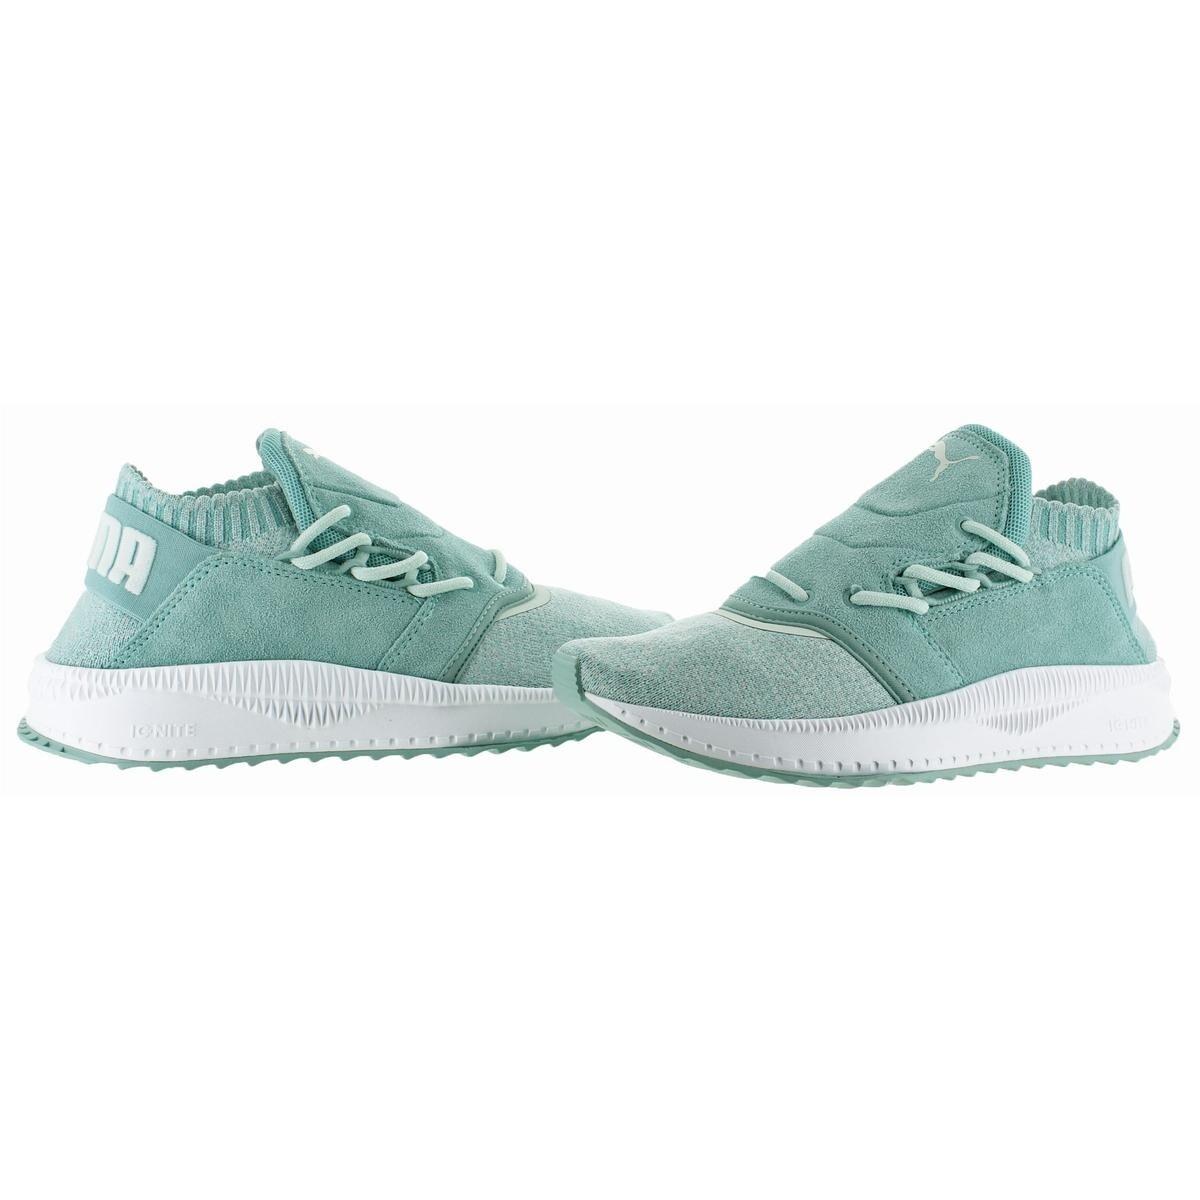 0cf503bbd46 Shop Puma Womens TSUGI Shinsei evoKNIT Fashion Sneakers Lightweight Casual  - Ships To Canada - Overstock - 21429545